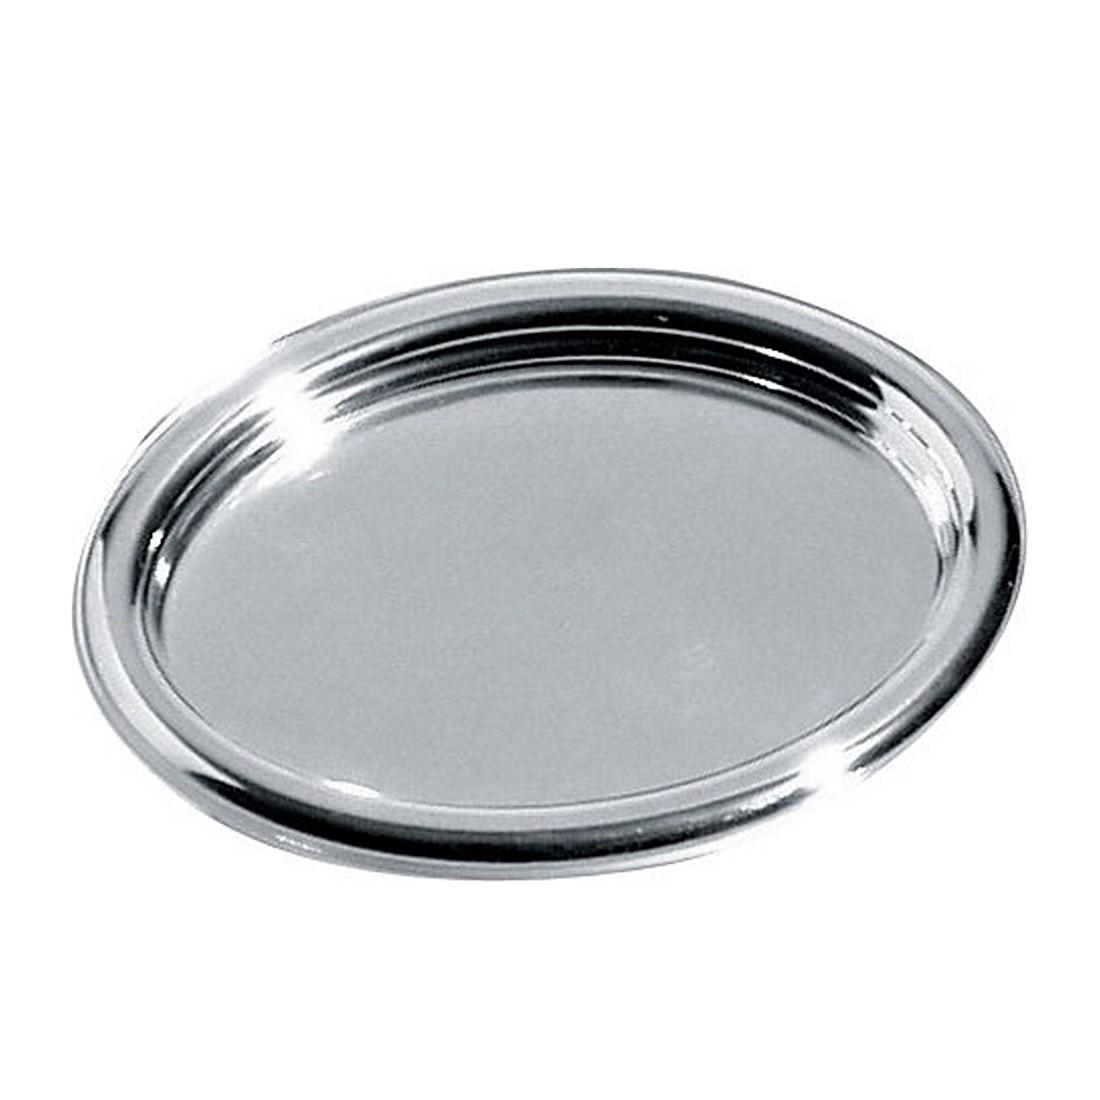 Platte Vassoio Ovale – oval/26 x 20 cm, Alessi günstig online kaufen